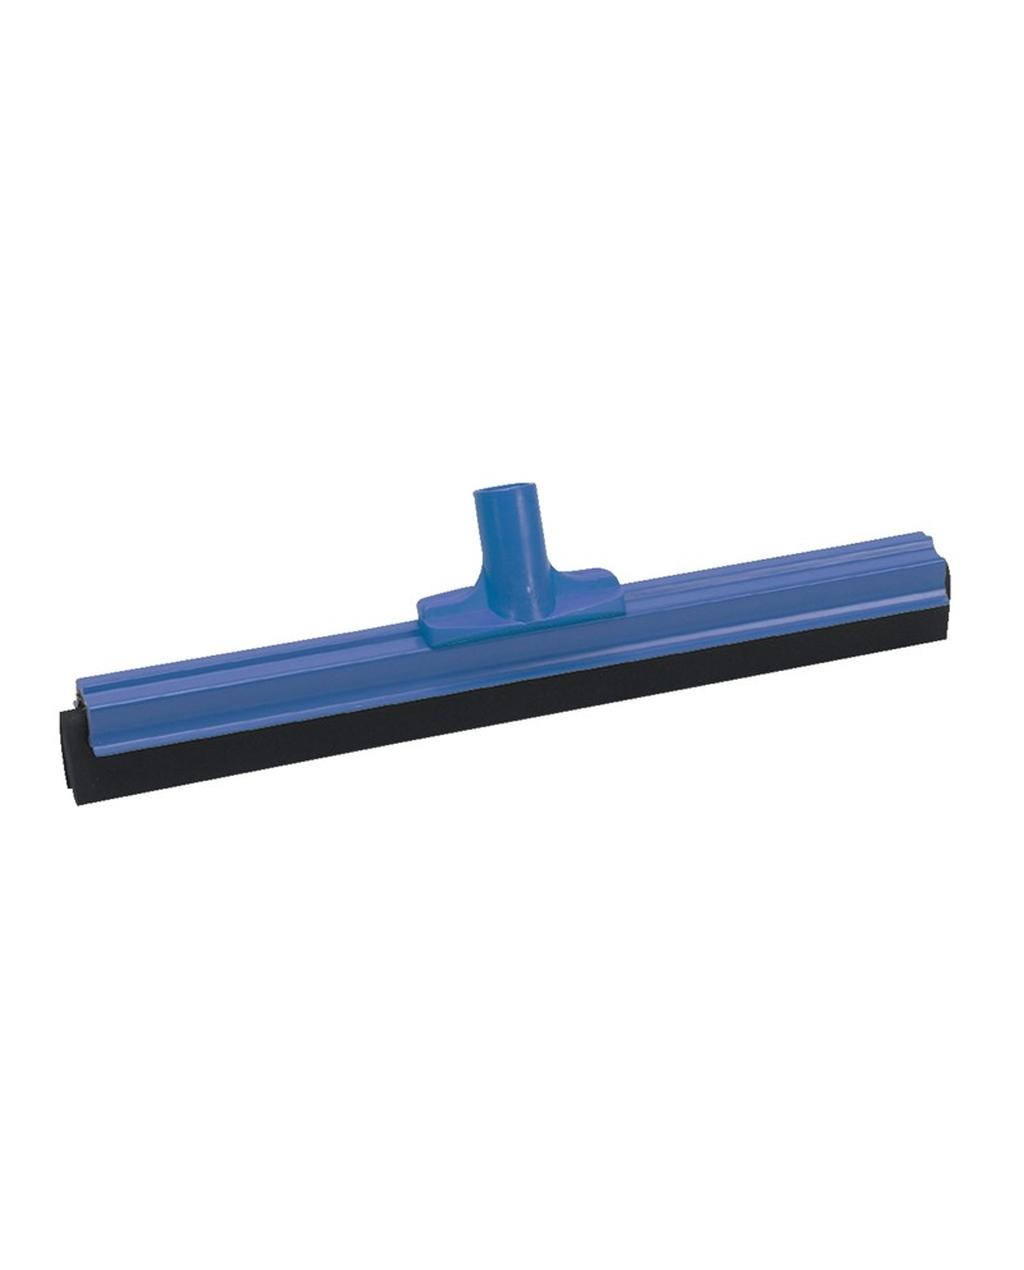 45cm Plastic Squeegee, Blue